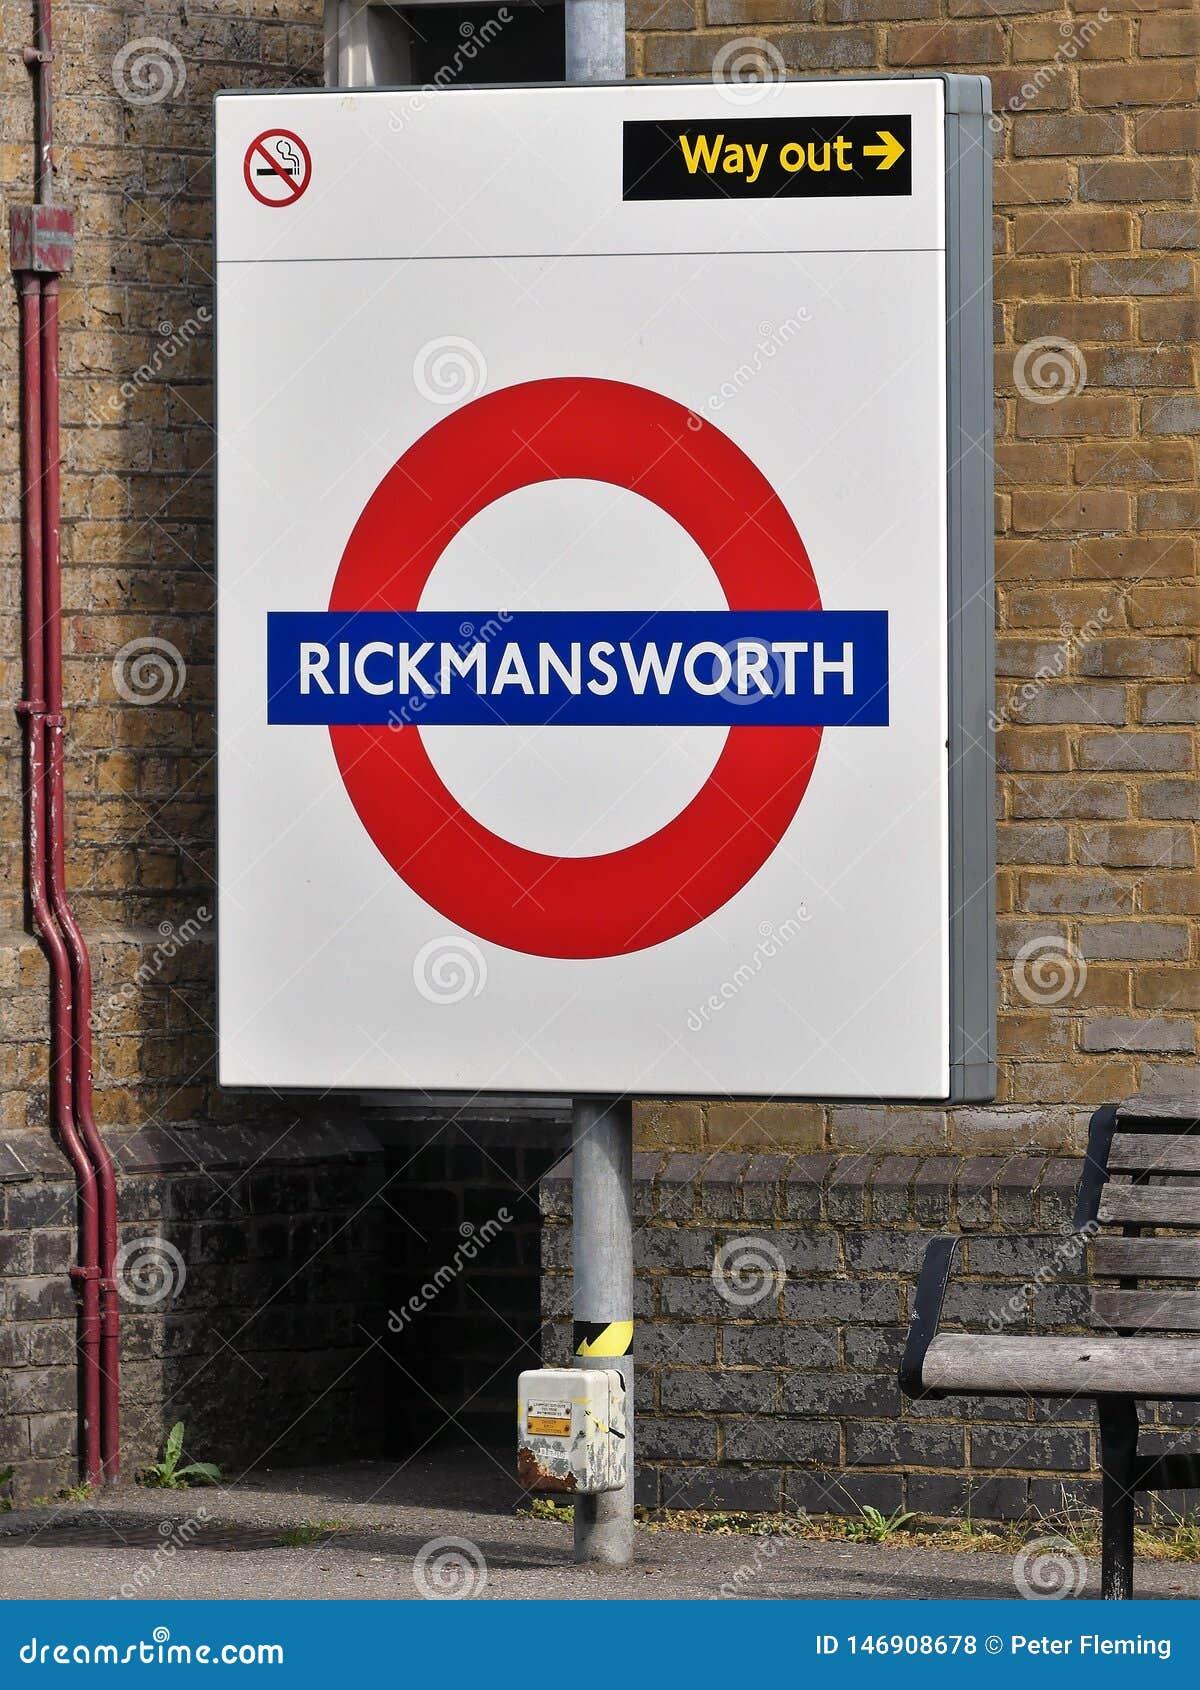 Rickmansworth London Underground Metropolitan railway sign